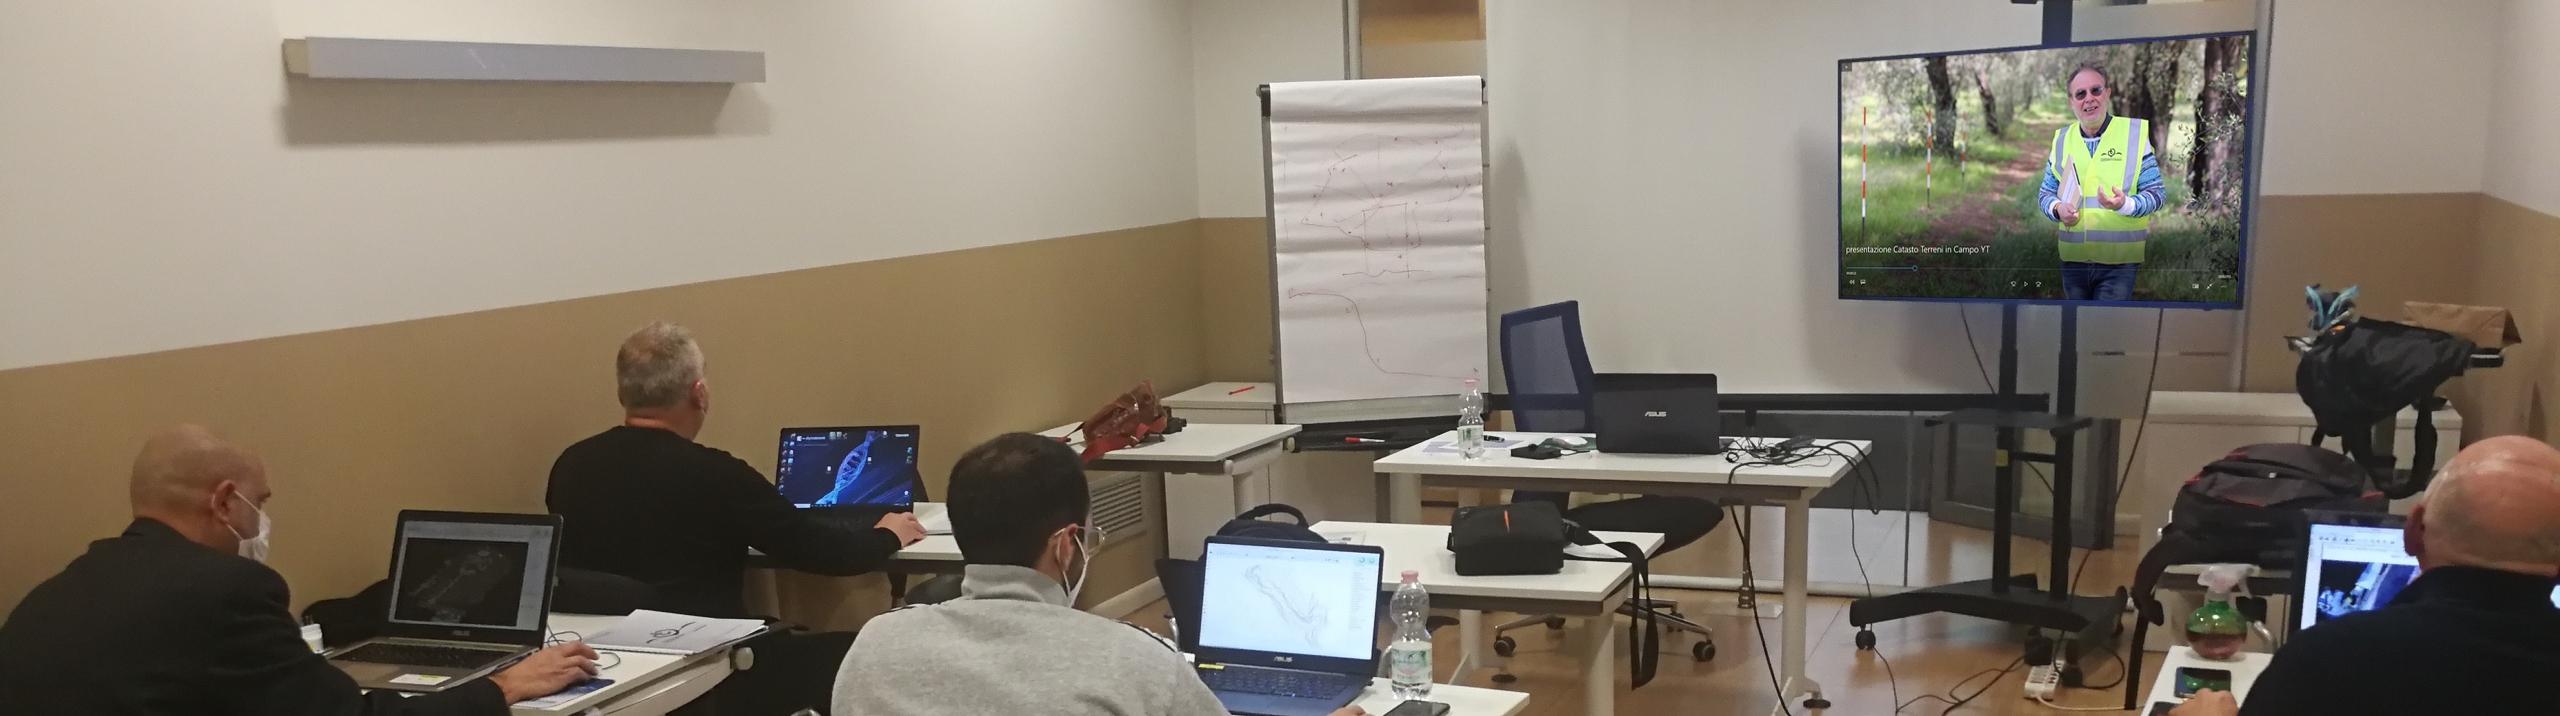 corsi formazione online pinomangione